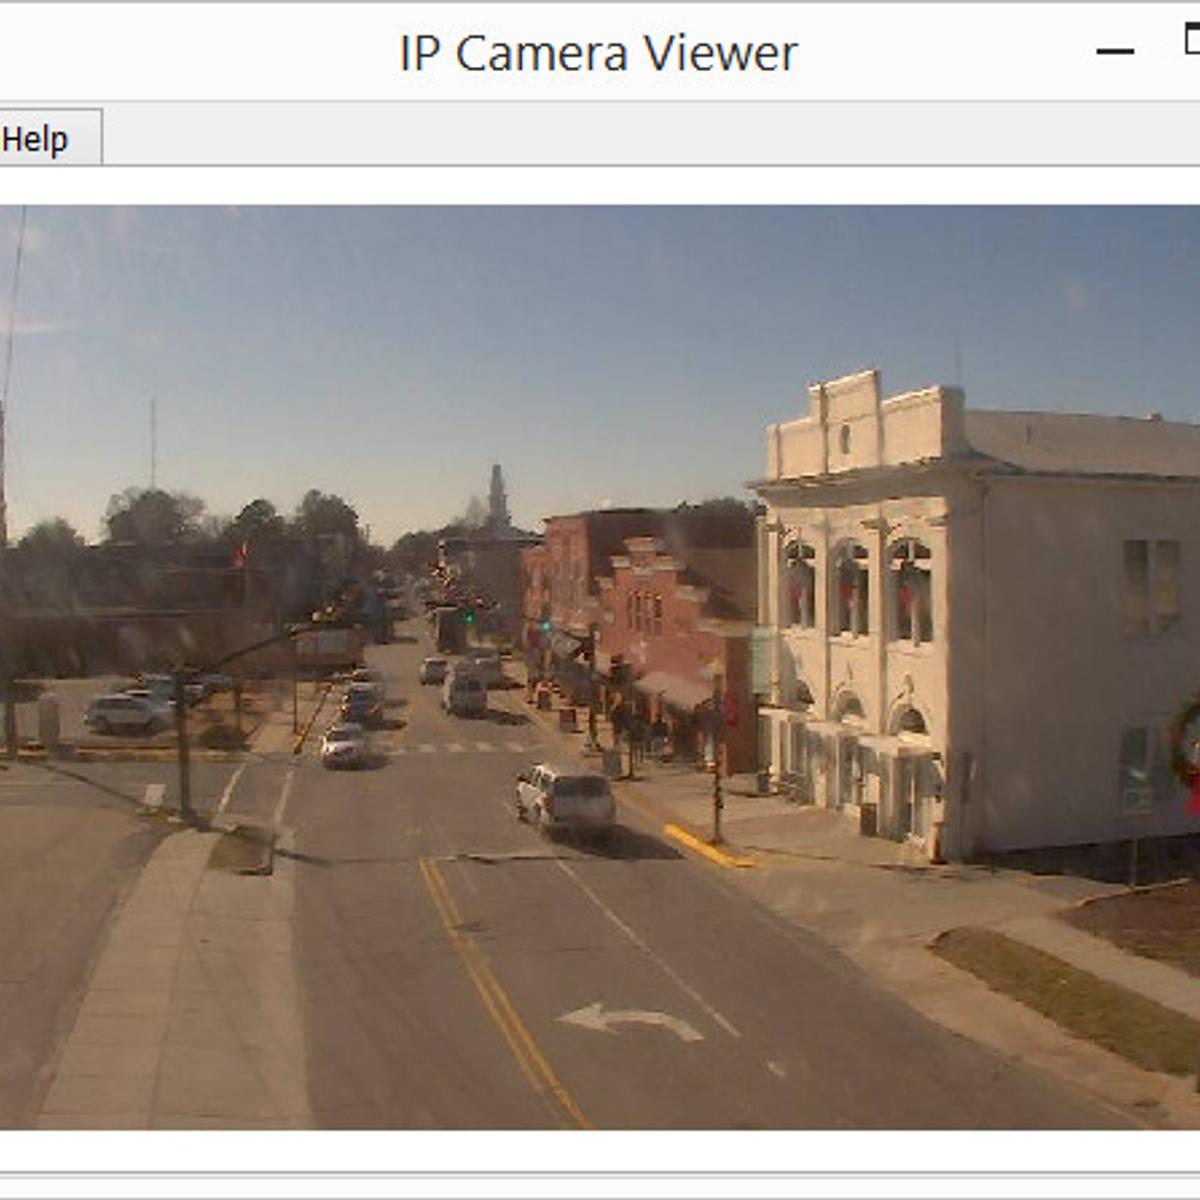 IP Camera Viewer Alternatives and Similar Software